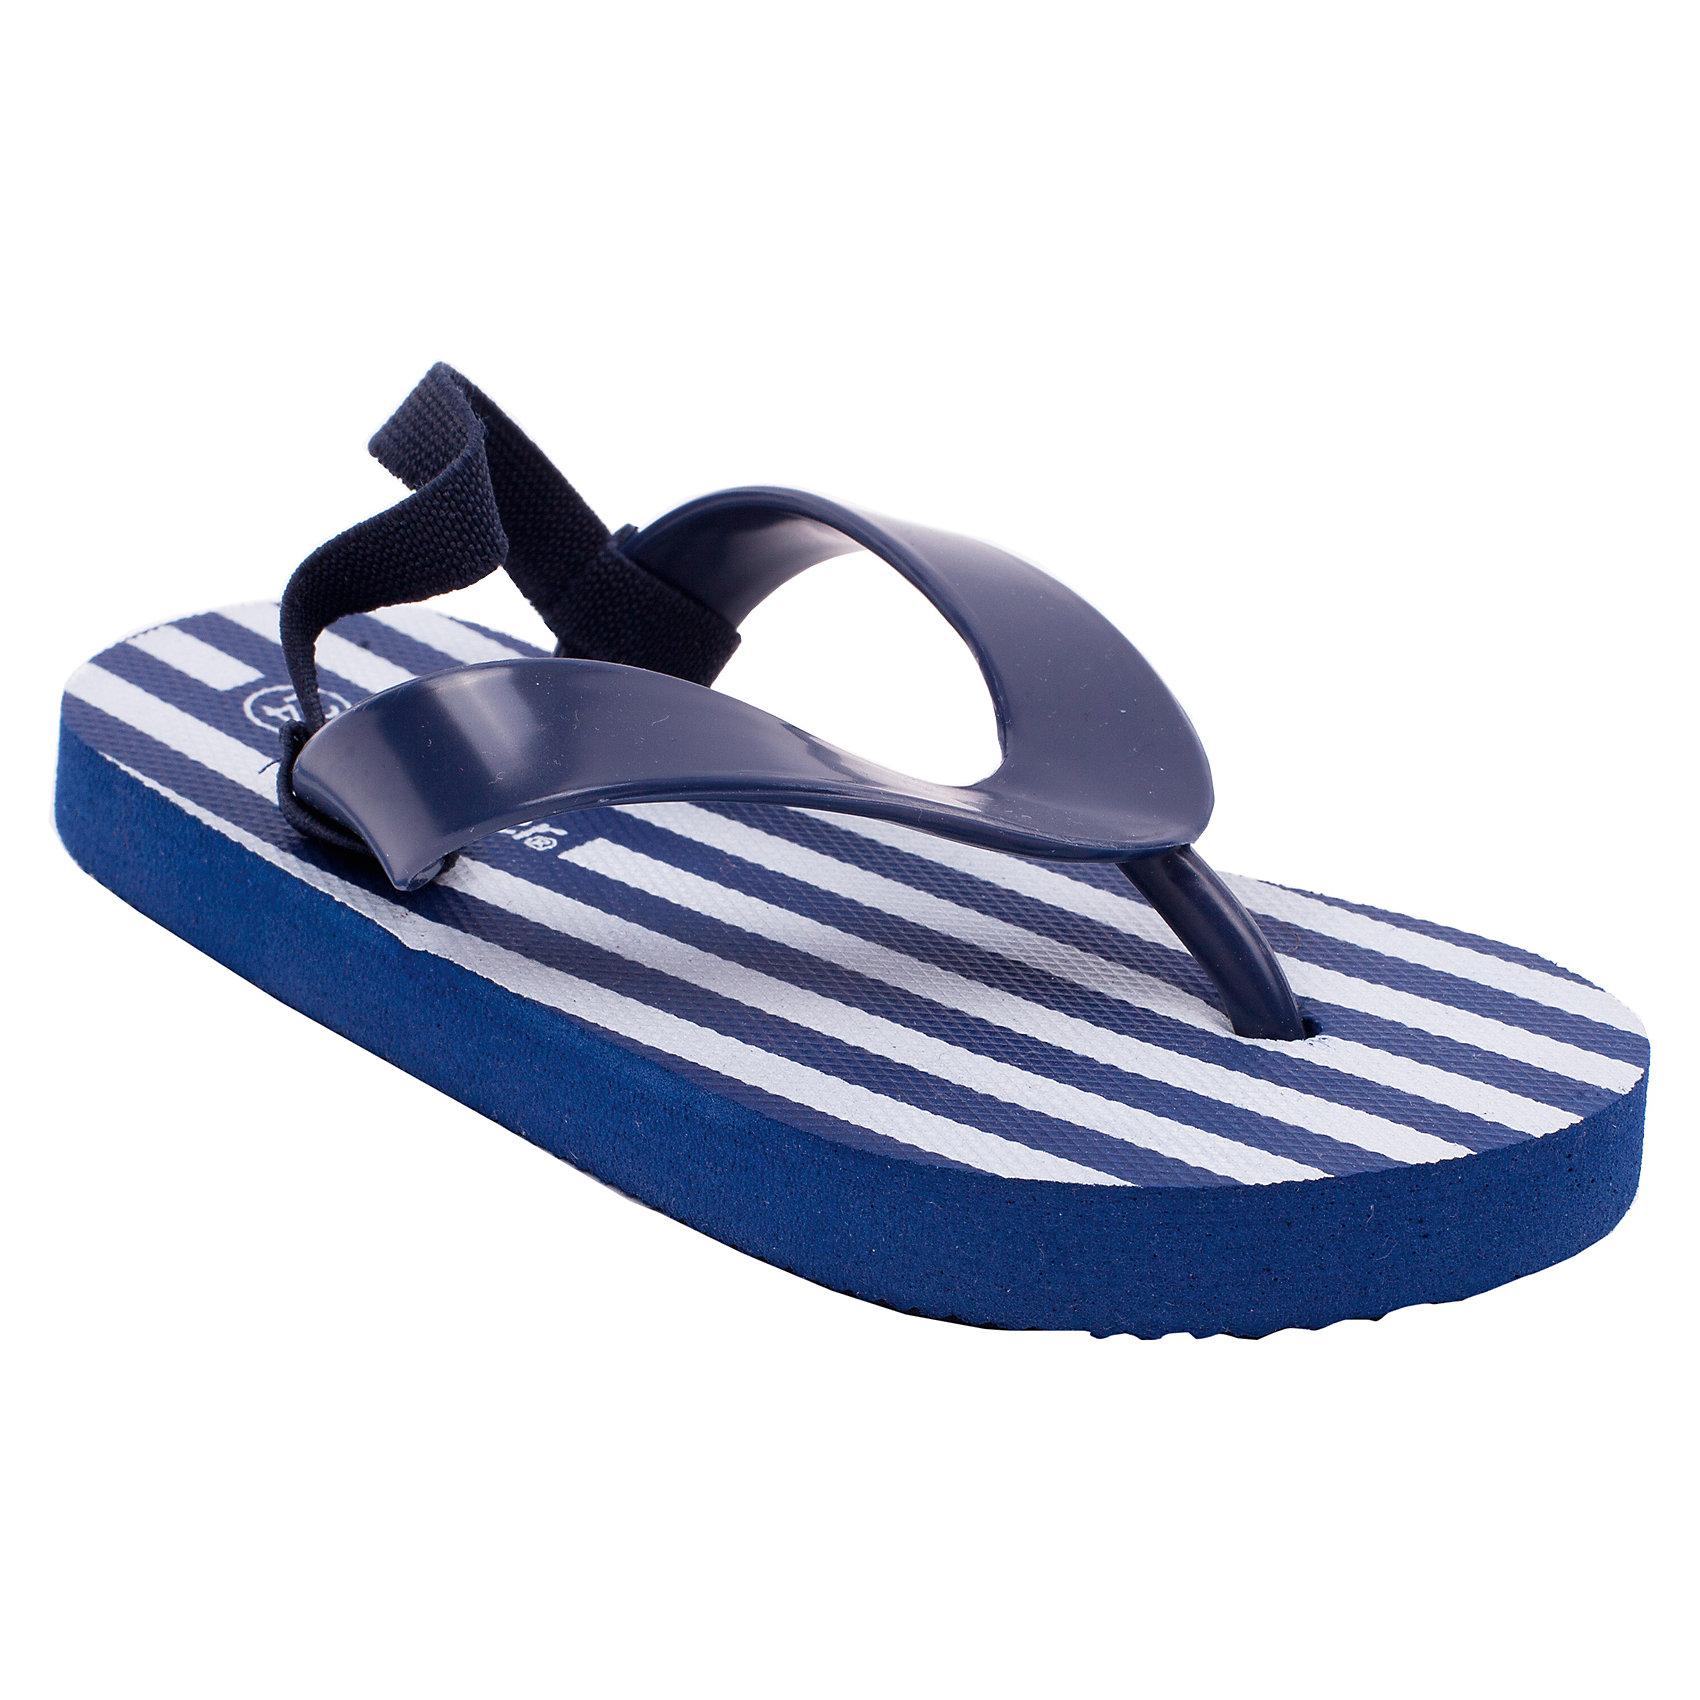 Обувь пляжная для мальчика GulliverПляжная обувь - вещь, совершенно необходимая для отдыха у воды. Мягкие резиновые тапочки-въетнамки с фиксирующей резиновой лямкой на пятке надежно защитят ножку ребенка от мелкой гальки и горячего песка. Если вы решили купить ребенку въетнамки, обратите внимания на эти! Полосатый принт в стиле коллекции, наверняка, понравится малышу.<br>Состав:<br>верх:                              PVC;             подошва:                 EVA<br><br>Ширина мм: 248<br>Глубина мм: 135<br>Высота мм: 147<br>Вес г: 256<br>Цвет: сине-белый<br>Возраст от месяцев: 48<br>Возраст до месяцев: 60<br>Пол: Мужской<br>Возраст: Детский<br>Размер: 28,25,29,27,26,24<br>SKU: 4534835